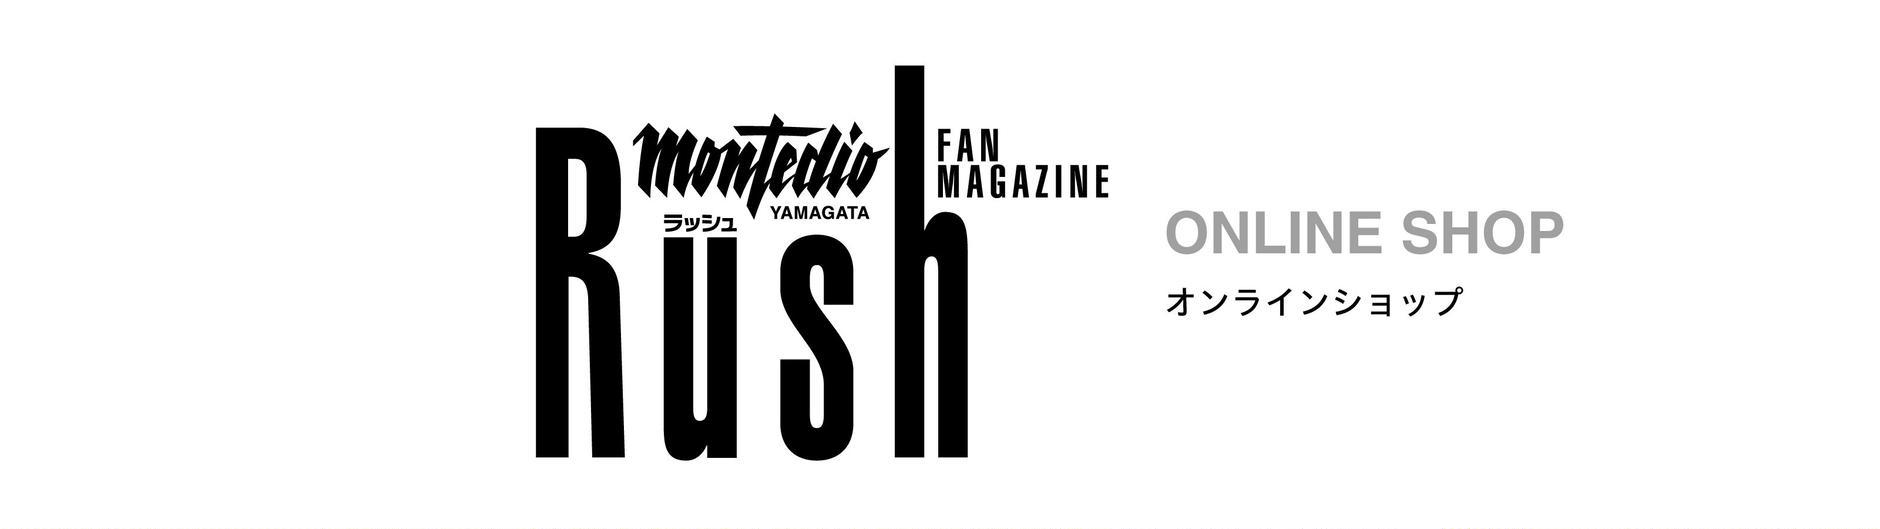 モンテディオ山形ファンマガジンRush